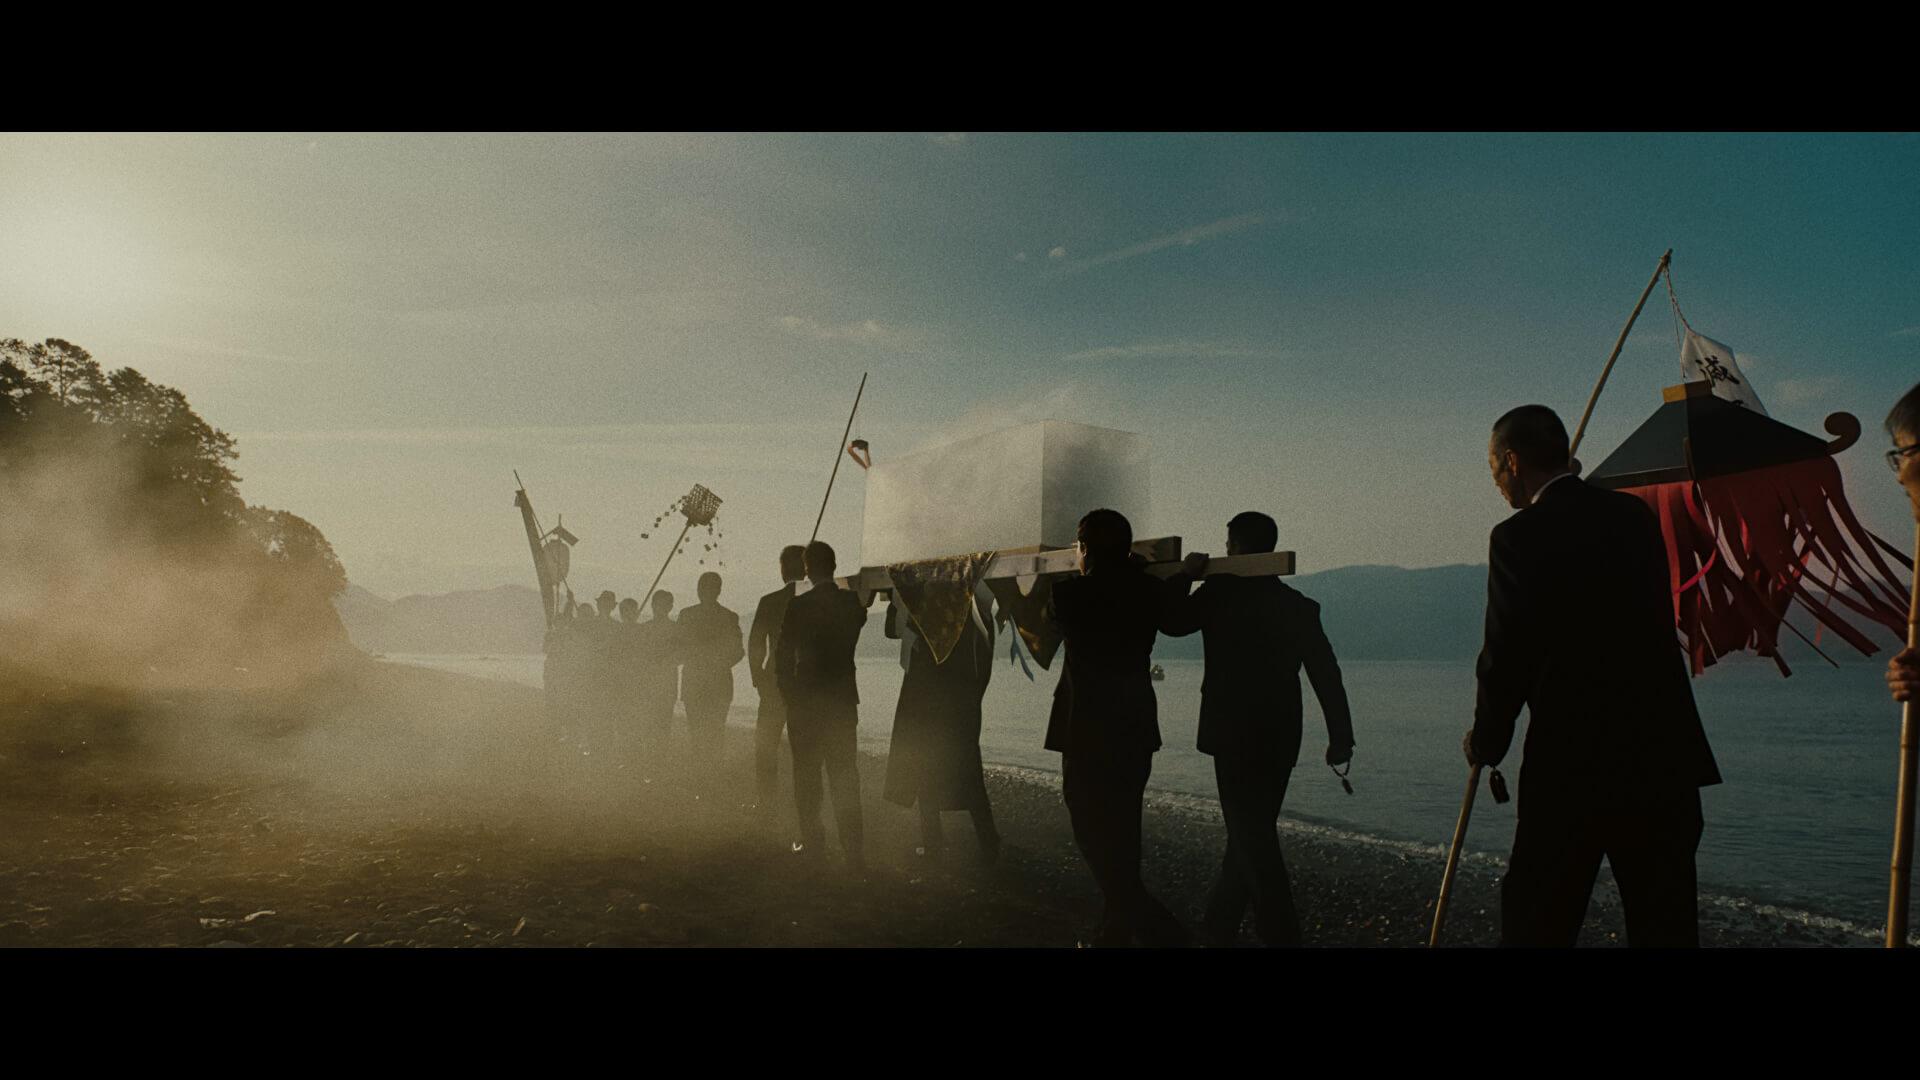 """常田大希率いるmillennium paradeの新曲""""FAMILIA""""がついに配信リリース!MVは同時視聴者数、驚異の2万人超え music210122_millenniumparade_10"""